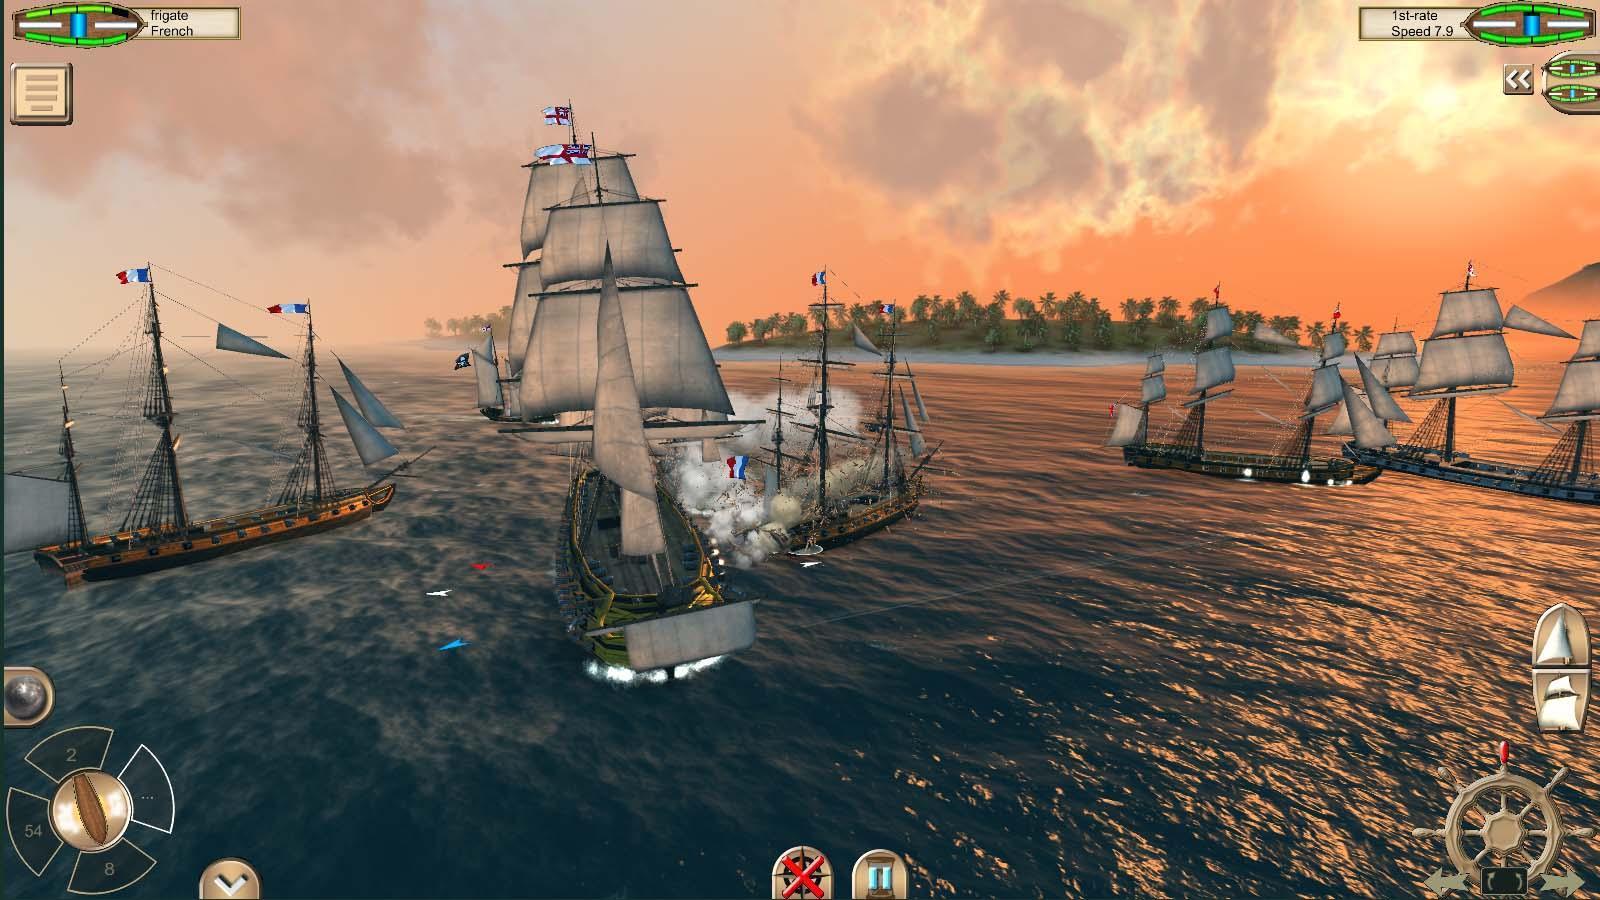 Hasil gambar untuk gambar game android the pirate caribbean hunt